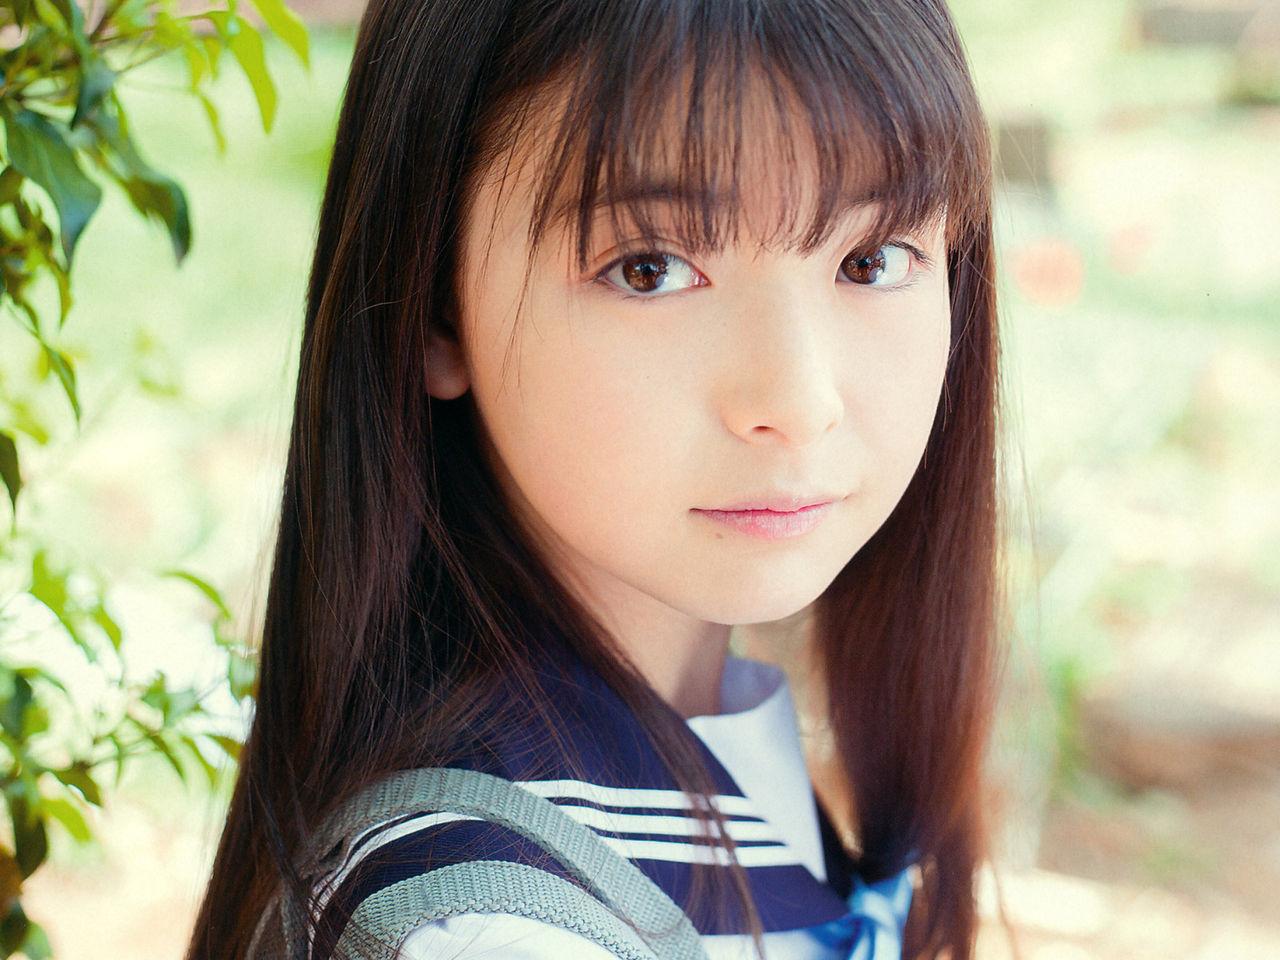 ◇ 木村葉月 きむらはづきちゃん 13才・中学2年生が、ヤフーニュースに ...